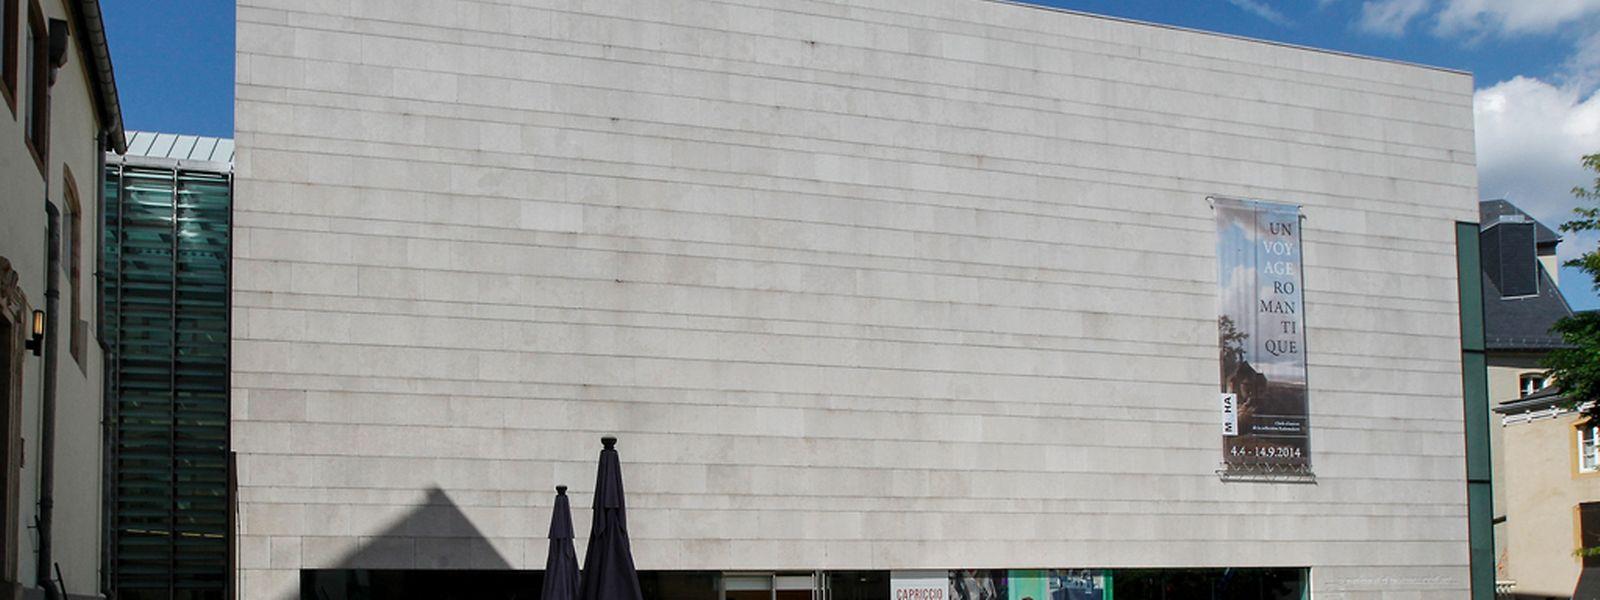 O Museu Nacional de História e Arte do Luxemburgo, na capital, vai acolher uma obra do Museu de Arte antiga, em Lisboa